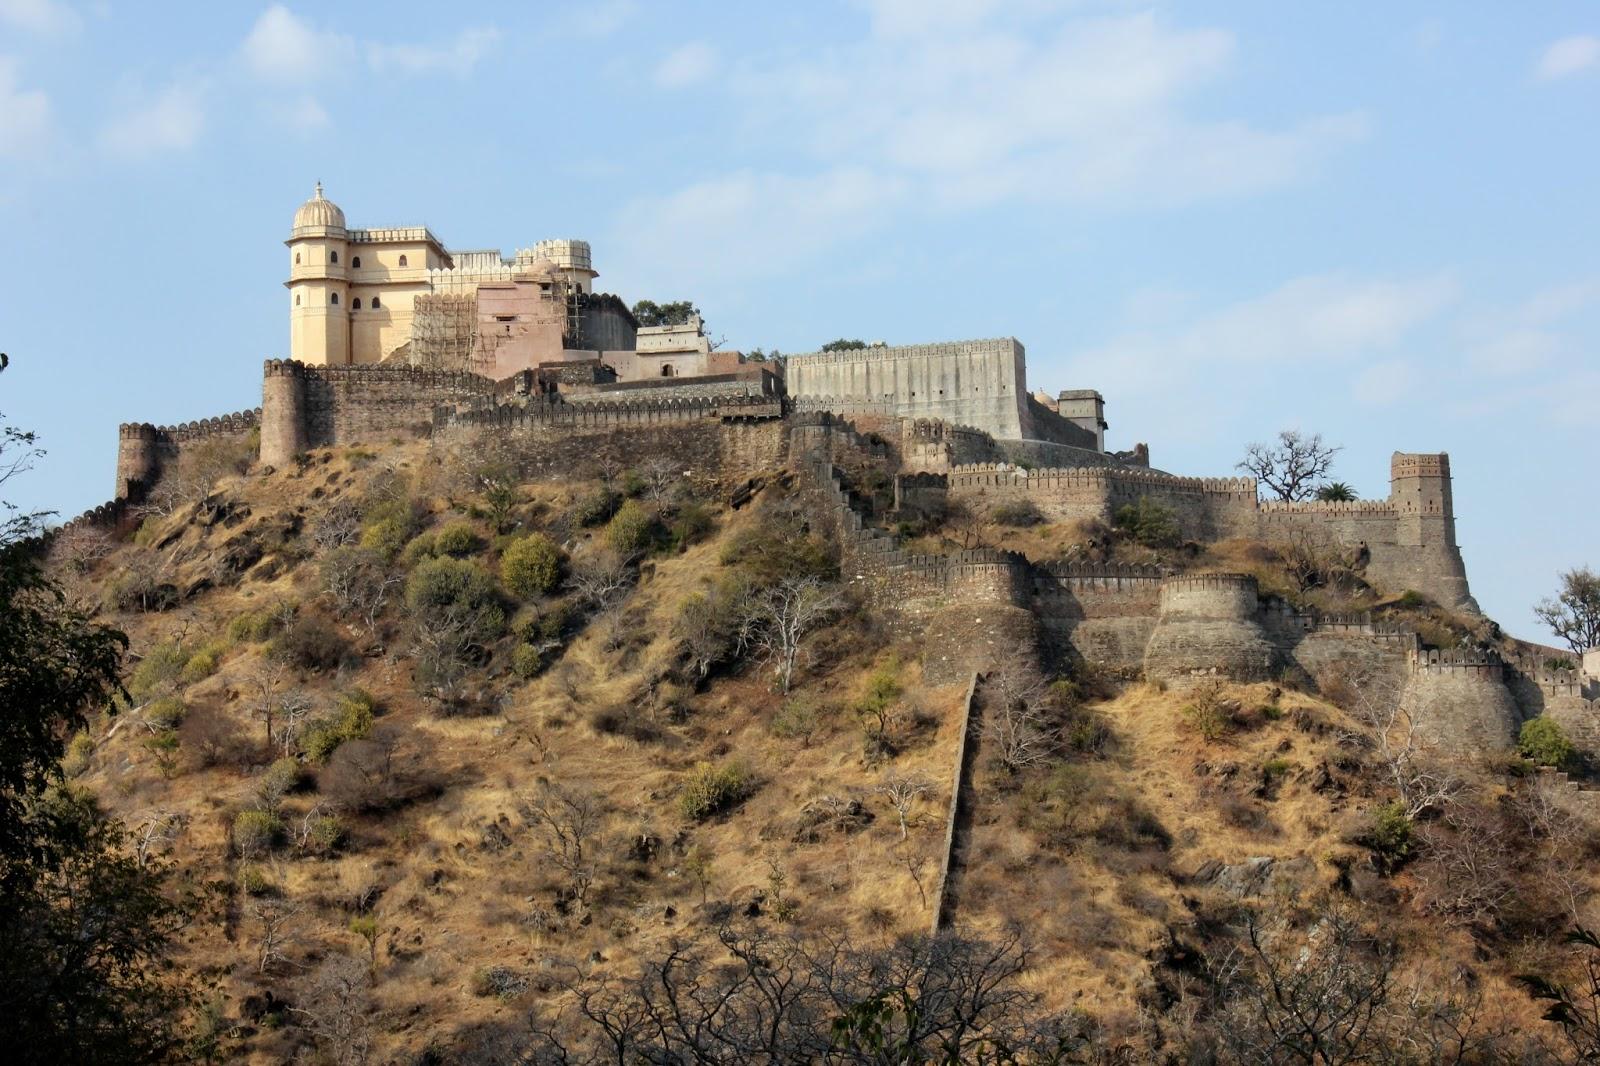 Kumbhalgarh India  city images : TraveLore: Great wall of India – Kumbhalgarh Fort